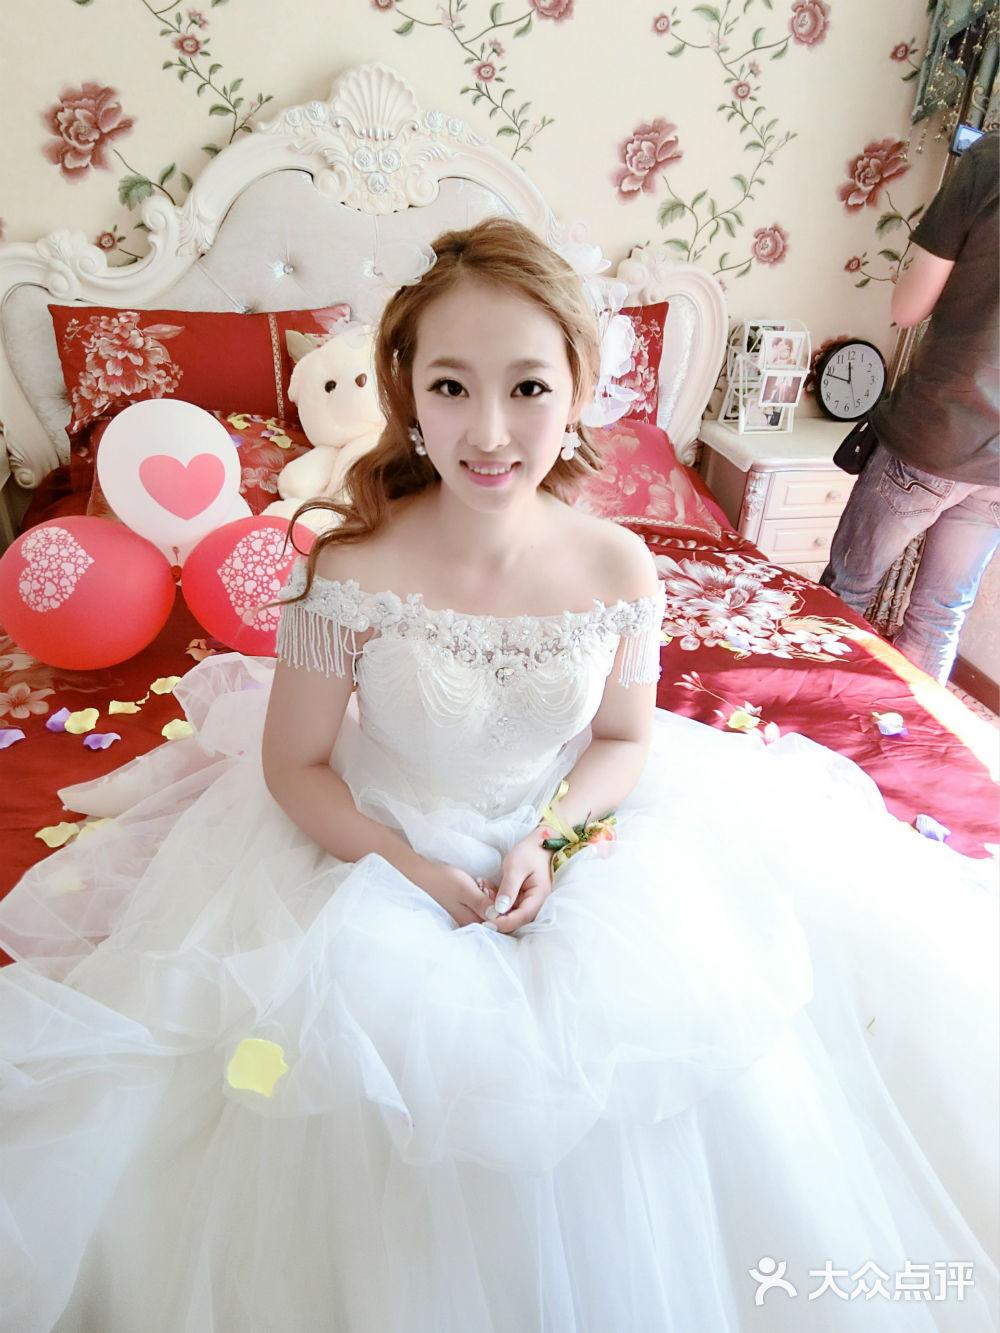 俏皮可爱造型婚纱